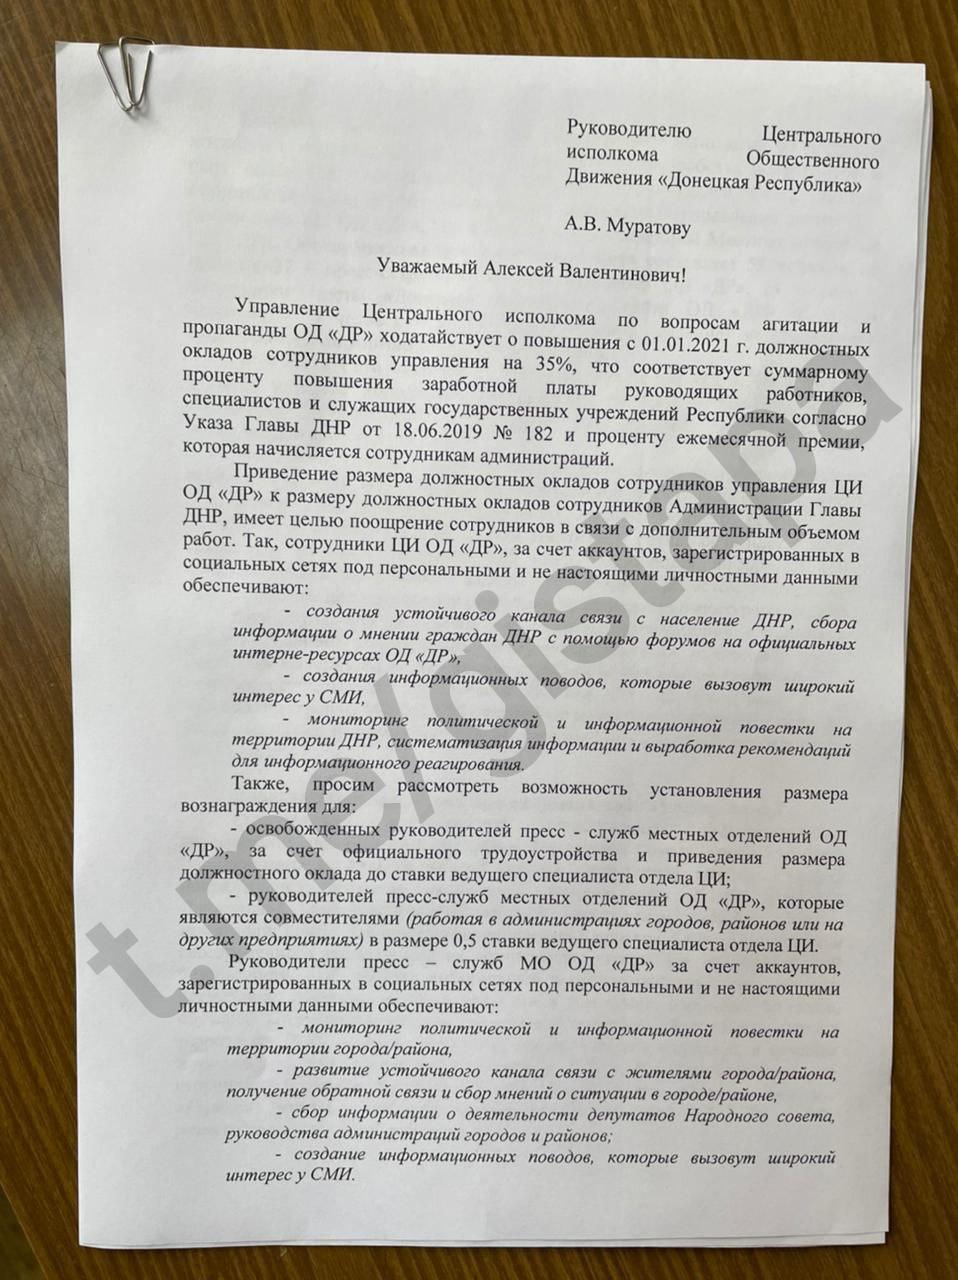 Они врут за рубли. Эксклюзивные документы минпропаганды дыныры